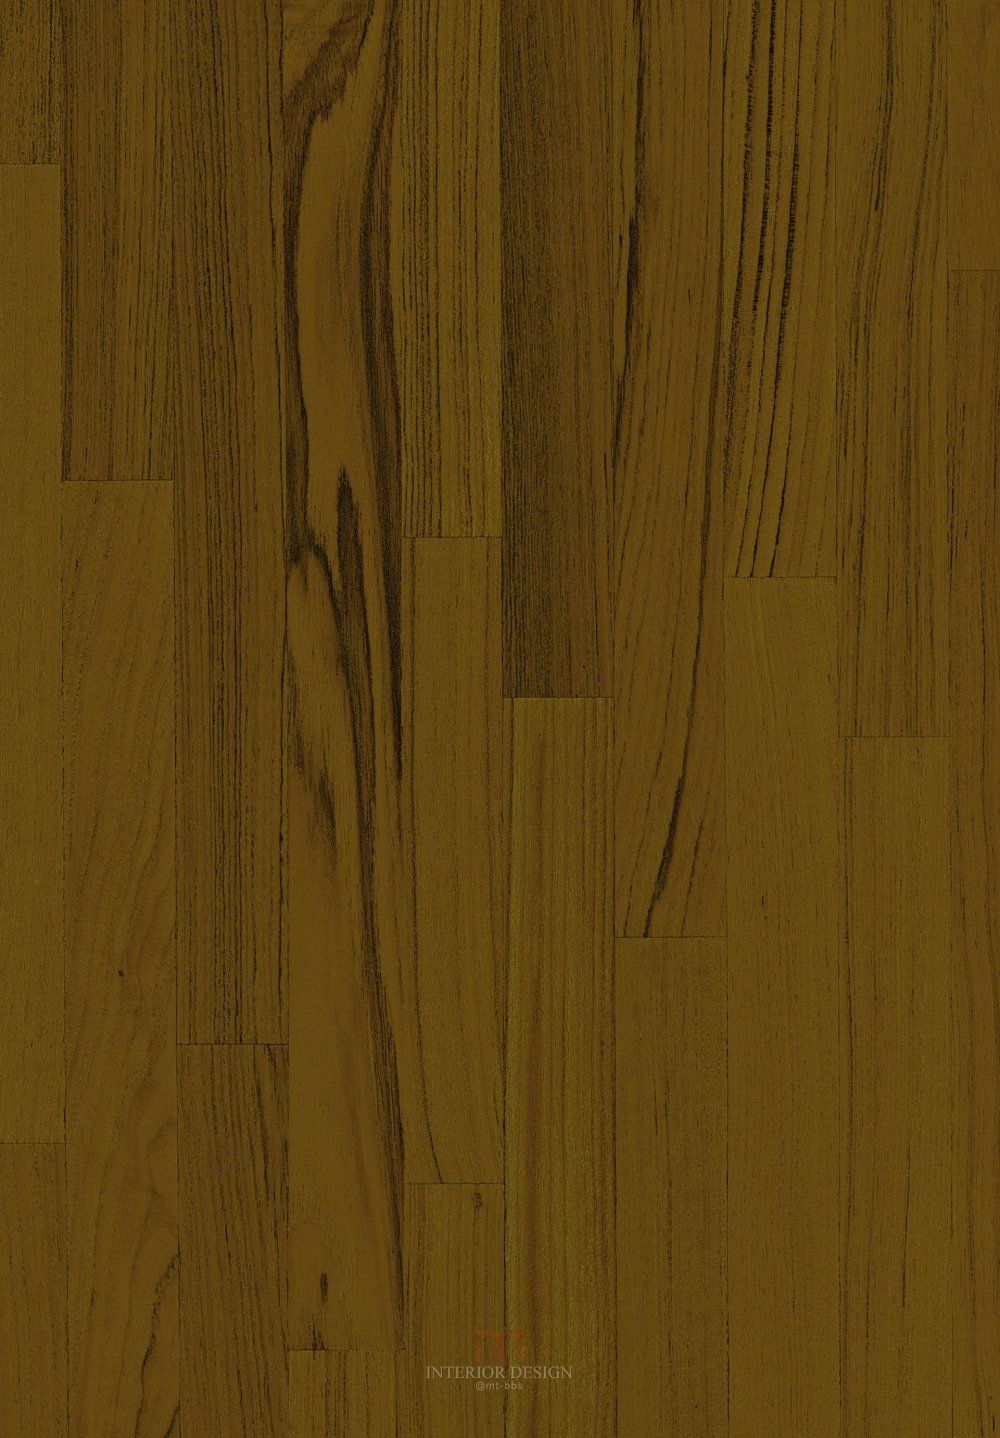 天然木纹_K6118AY_f0603.jpg